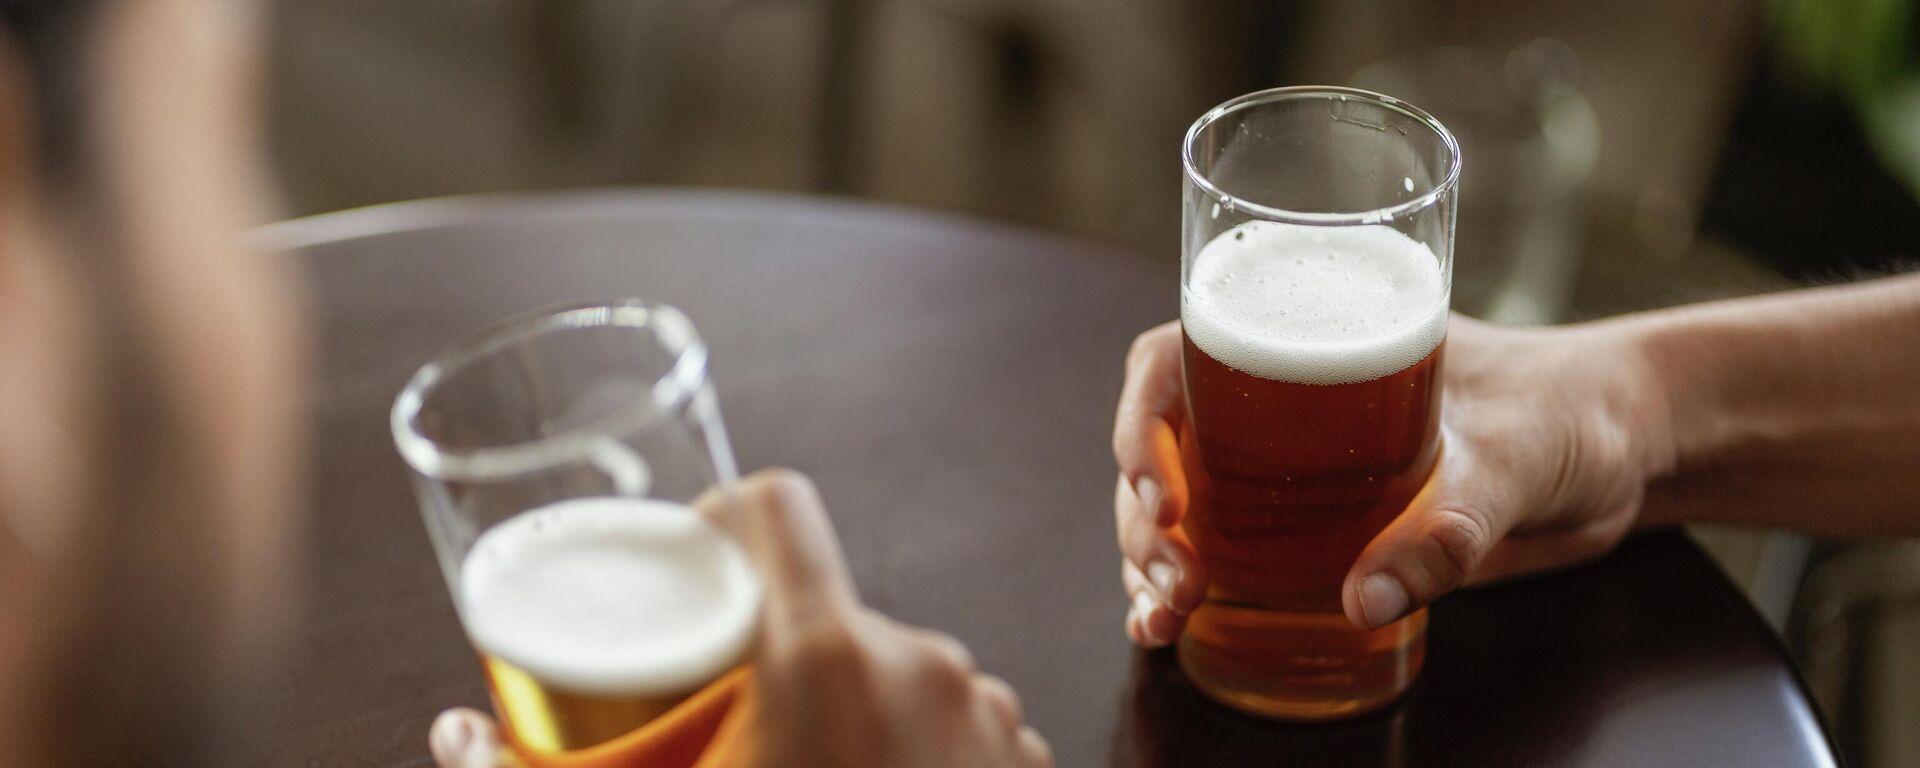 Cerveza, imagen referencial - Sputnik Mundo, 1920, 22.04.2021